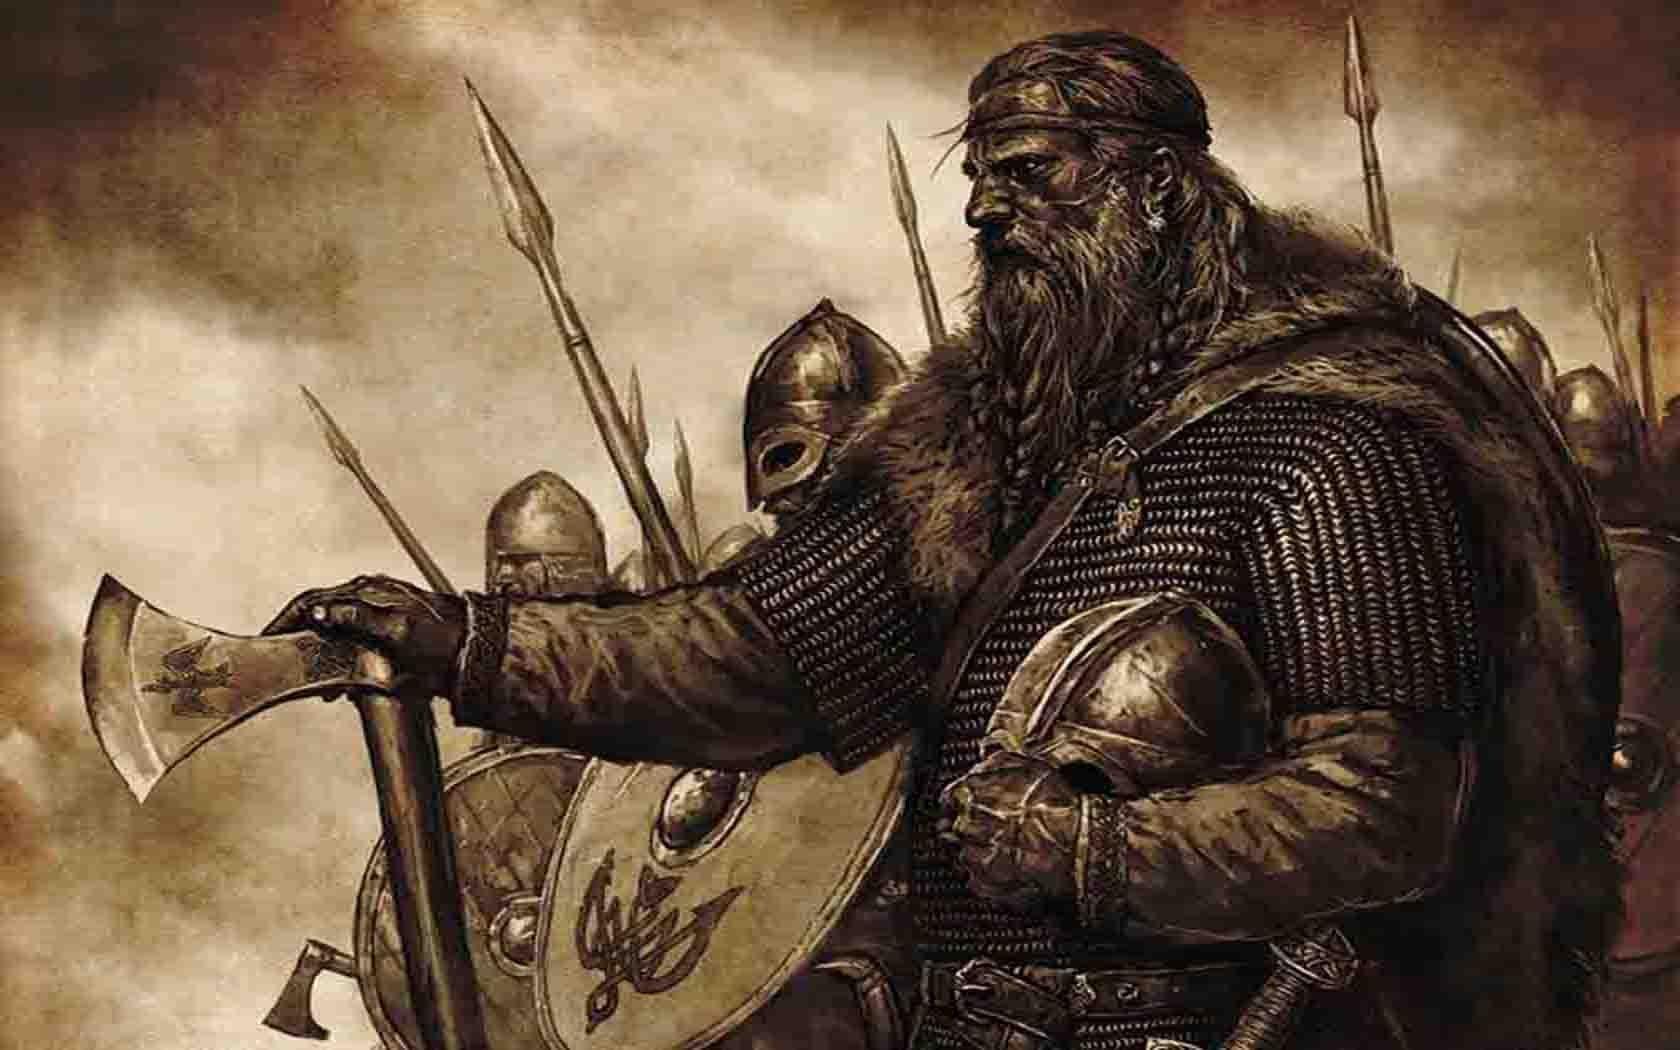 Artistic Vikings warriors wallpaper | 1680x1050 | 241019 | WallpaperUP